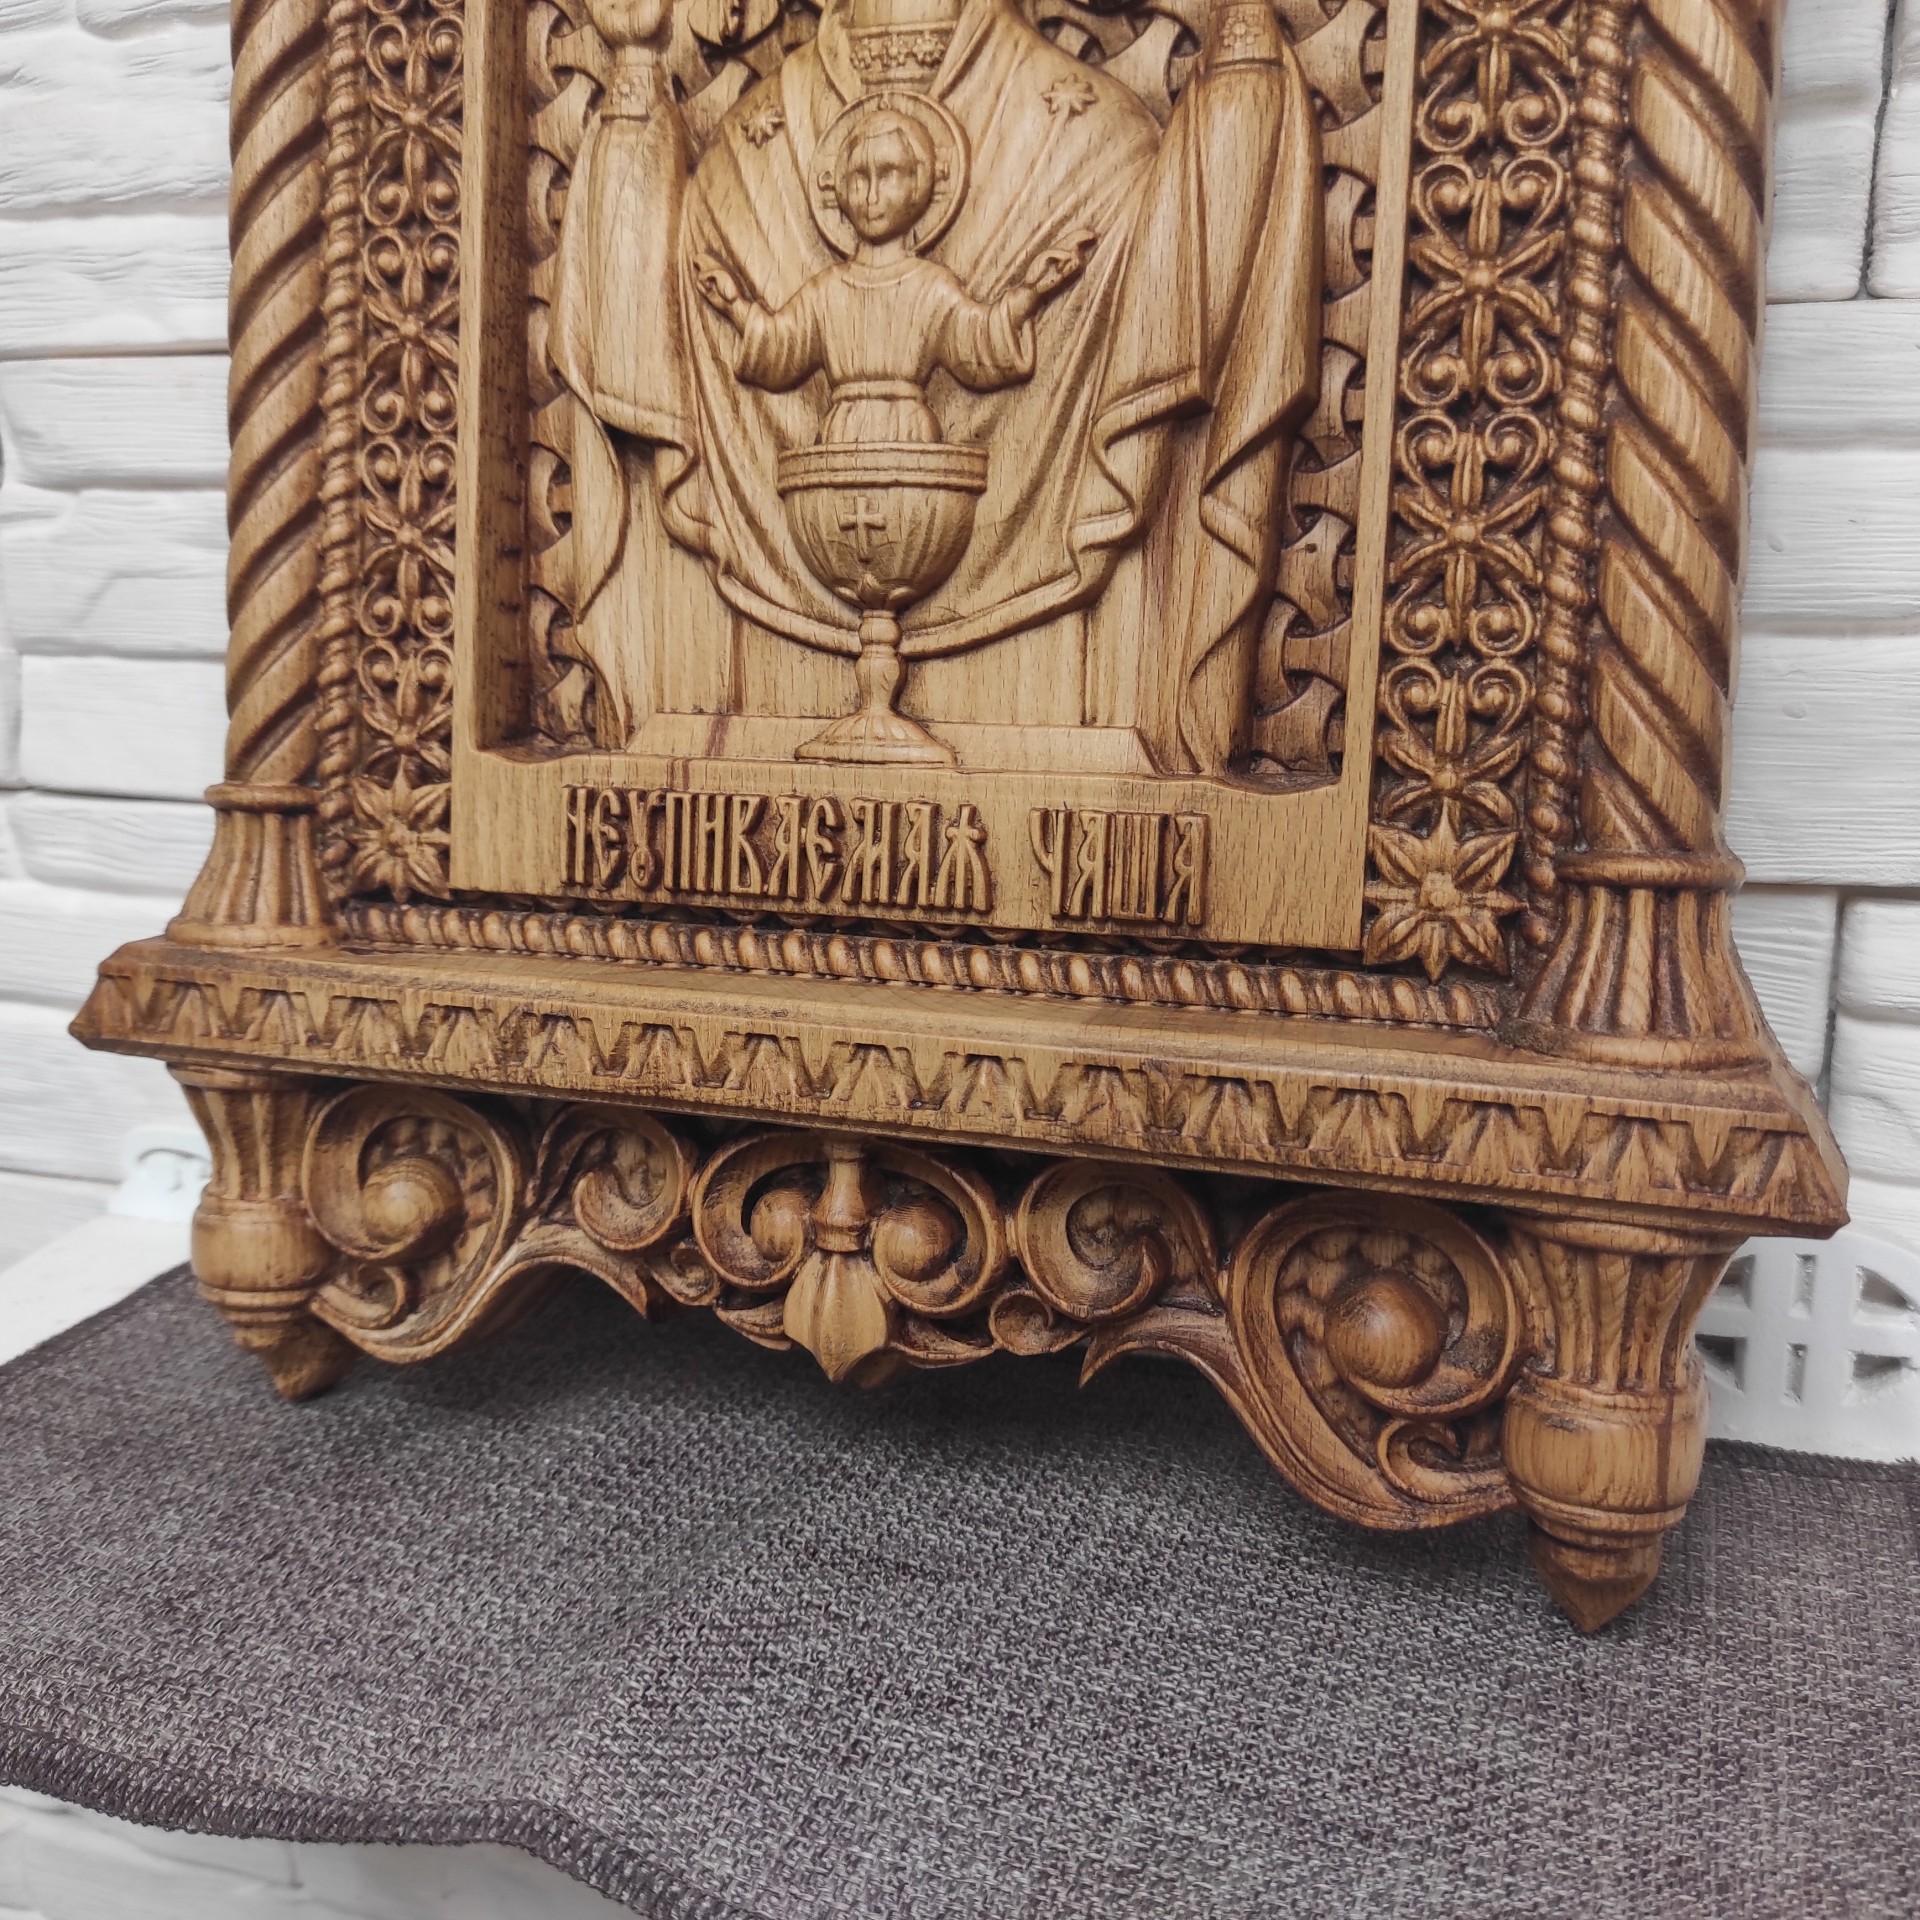 Фото резной иконы пресвятой богородицы Неупиваемая чаша вид снизу